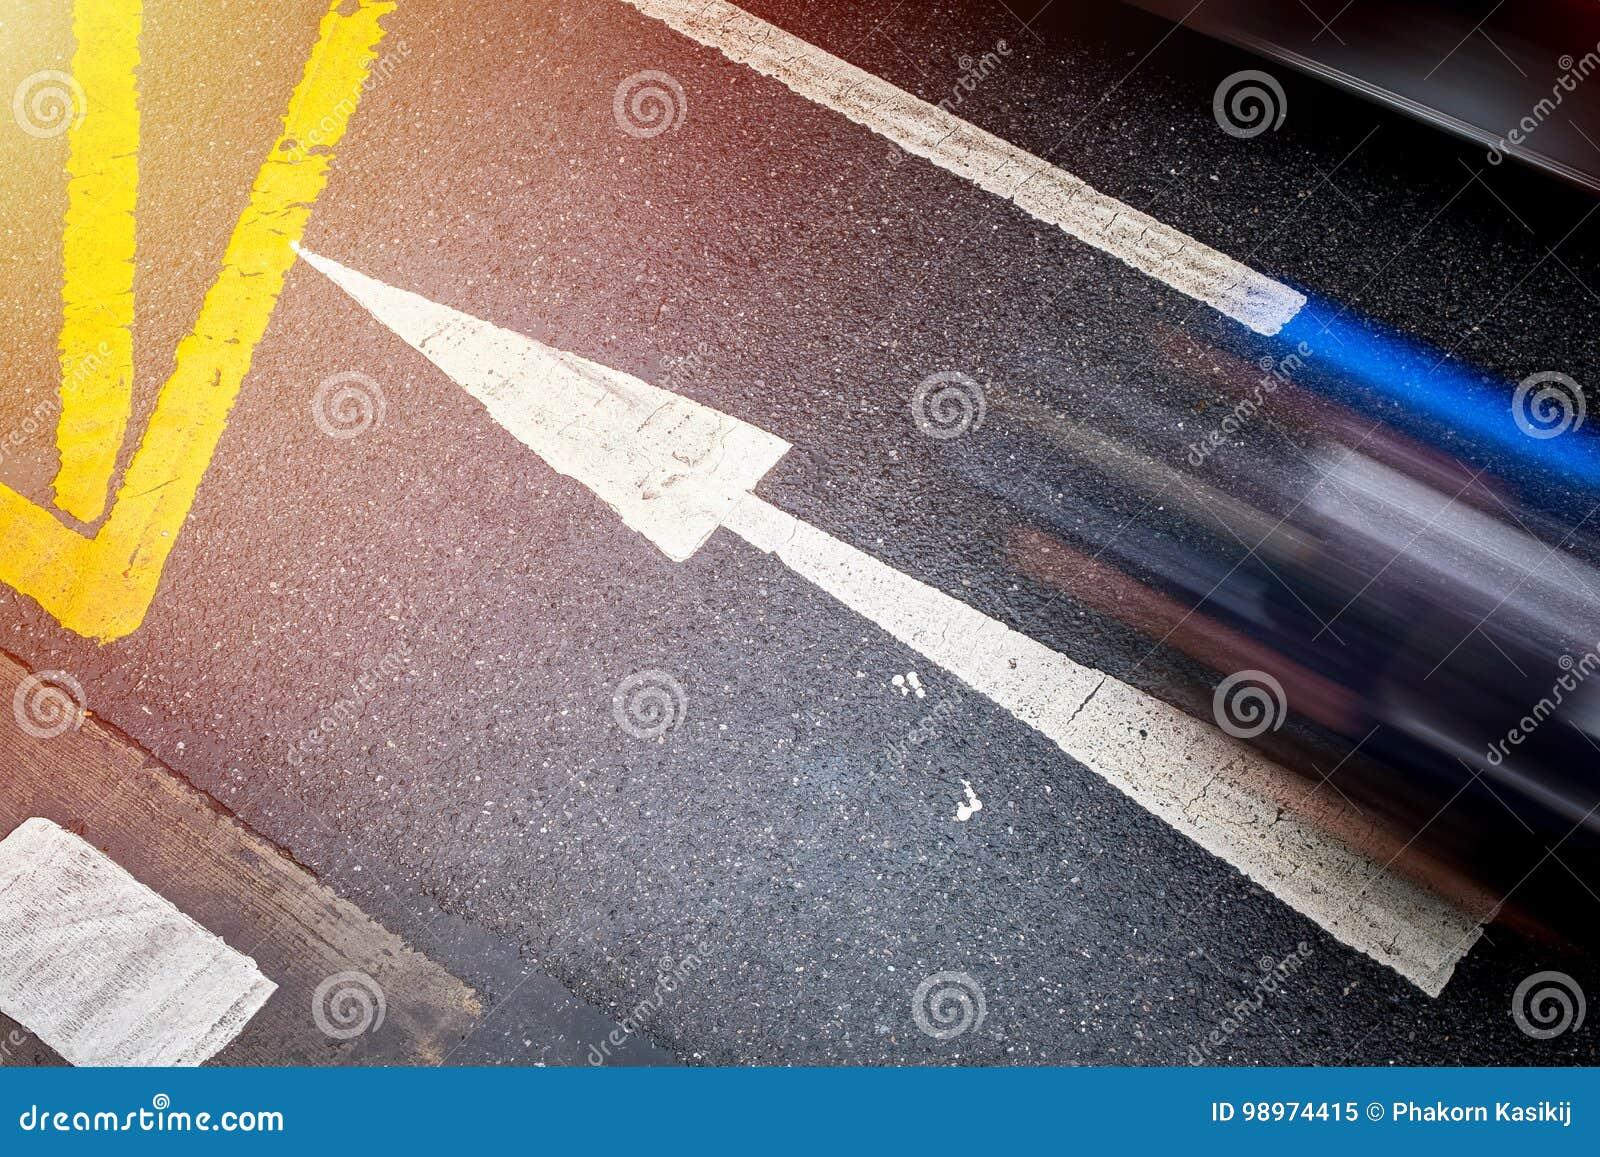 Richting vooruit met het effect, het Doel en Succe van het langzame snelheidsblind